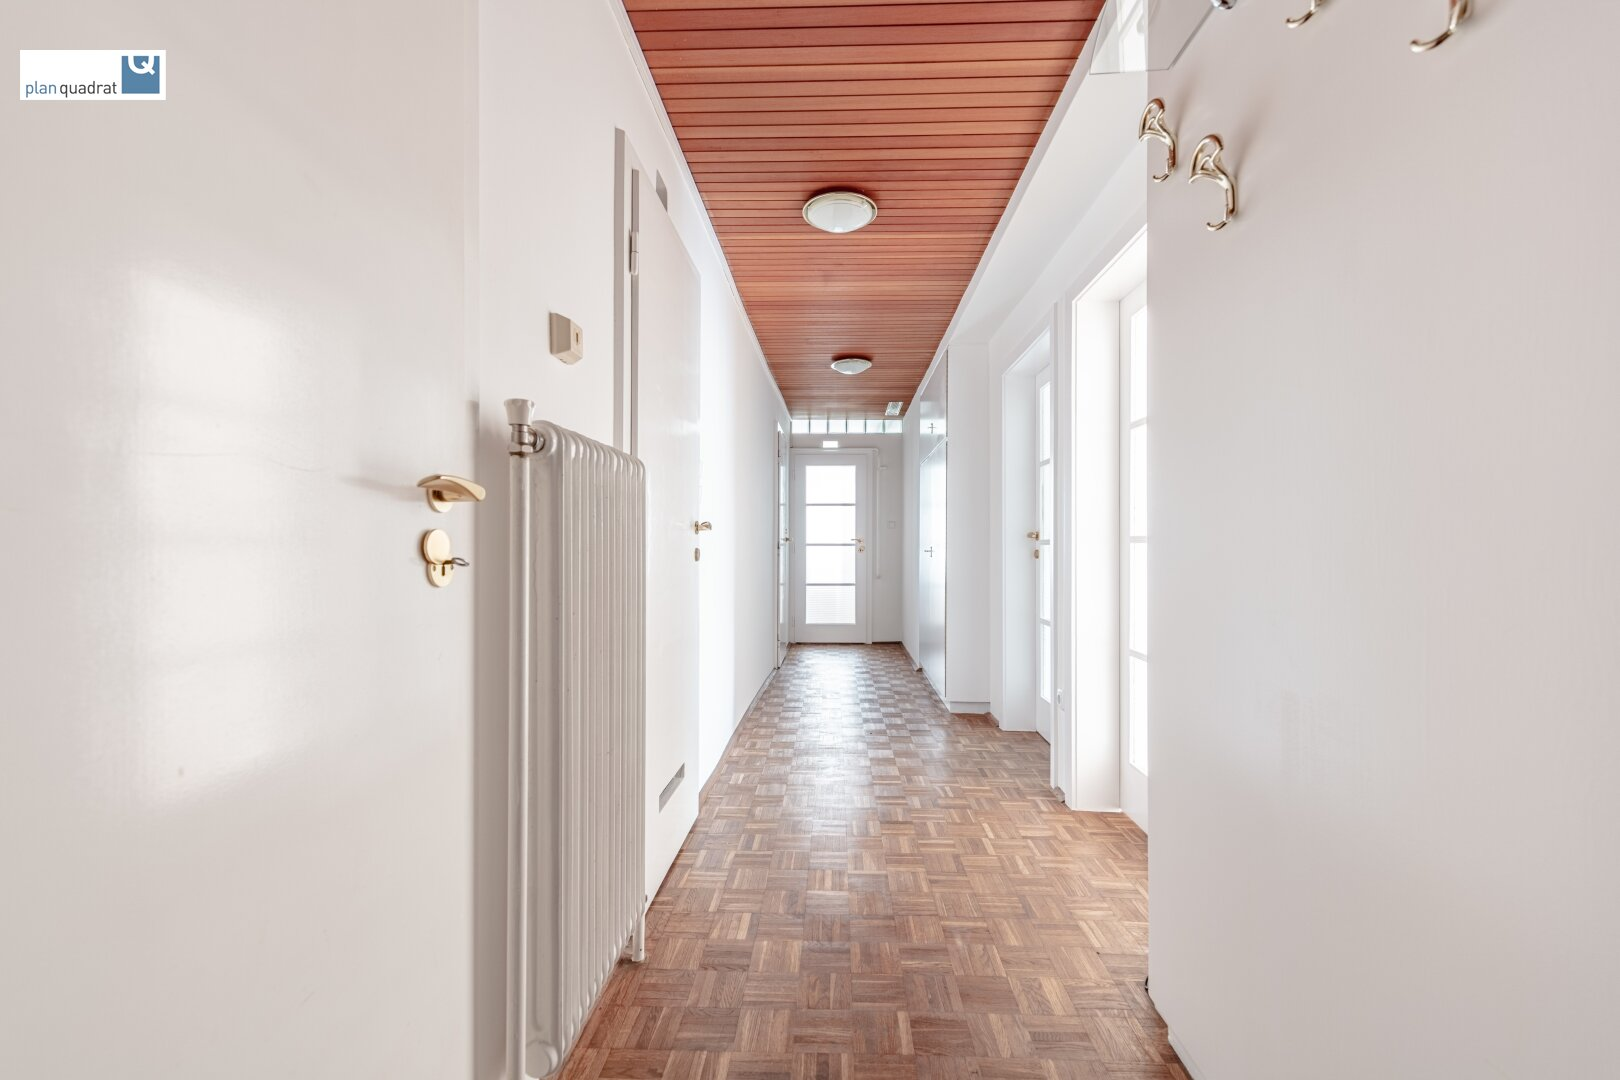 Vorraum (ca. 13,60 m²) - alle Räume, außer Zimmer 3, zentral begehbar